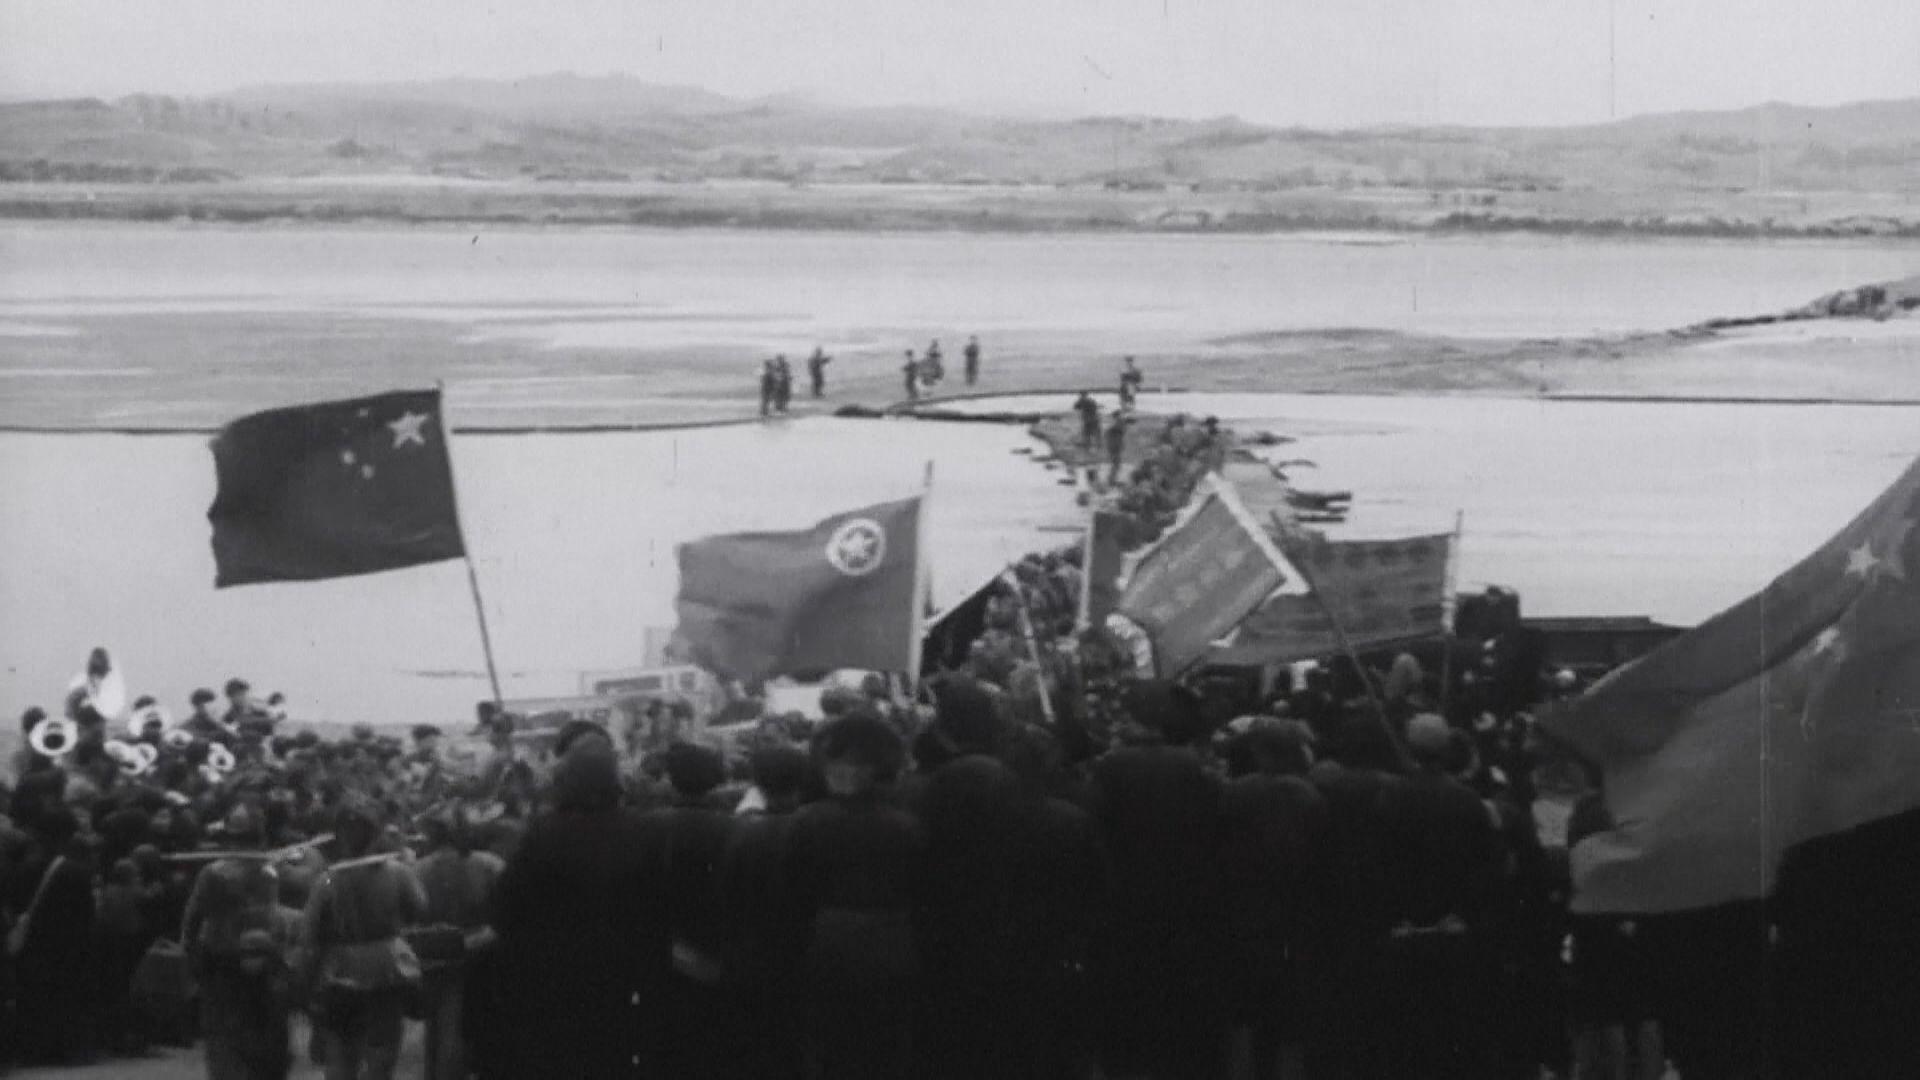 韓戰於1950年爆發 中國派志願軍支持北韓